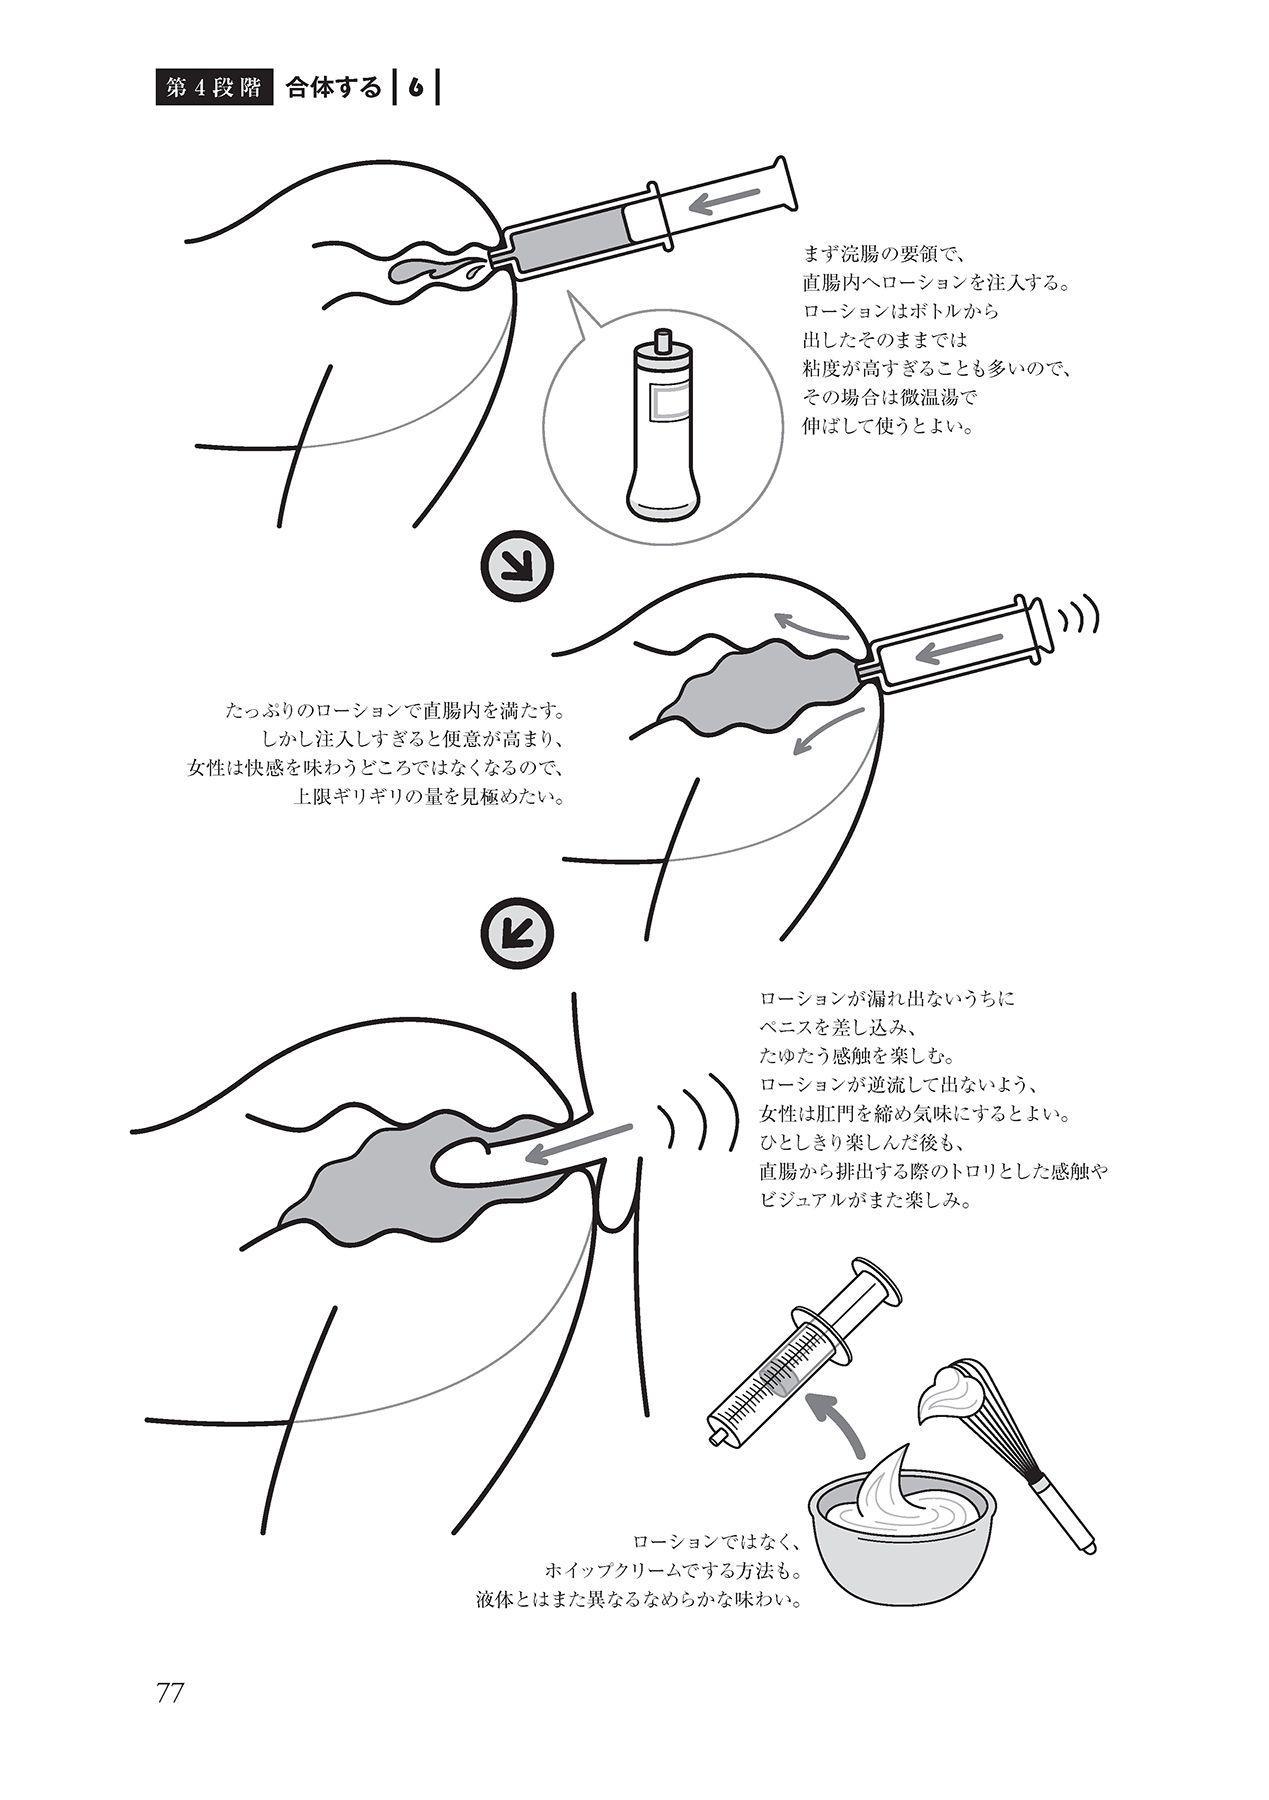 アナル性感開発・お尻エッチ 完全マニュアル 78